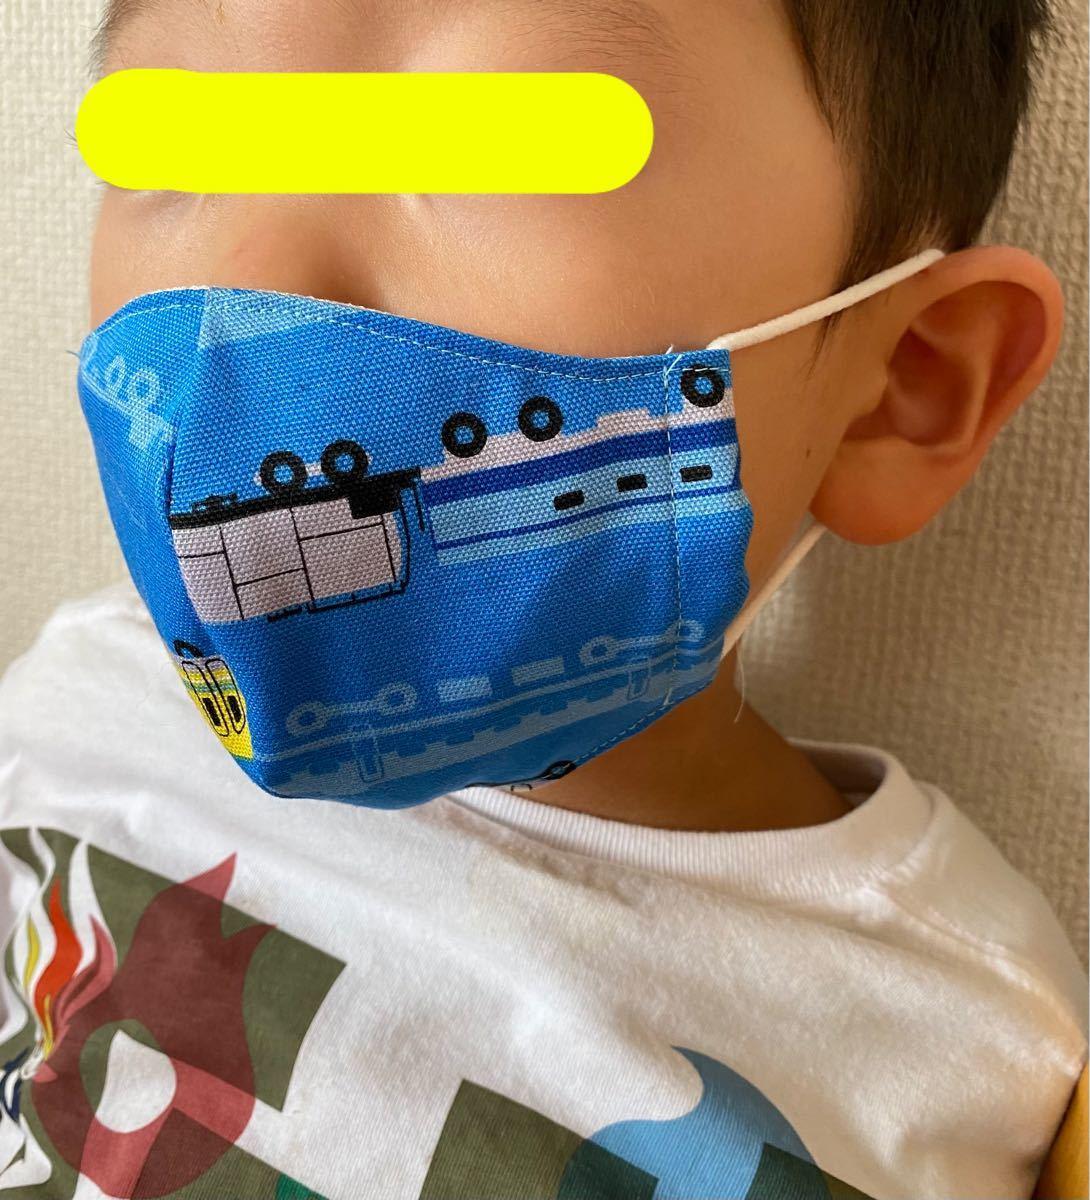 インナーマスク 子供用 ハンドメイド 4枚組